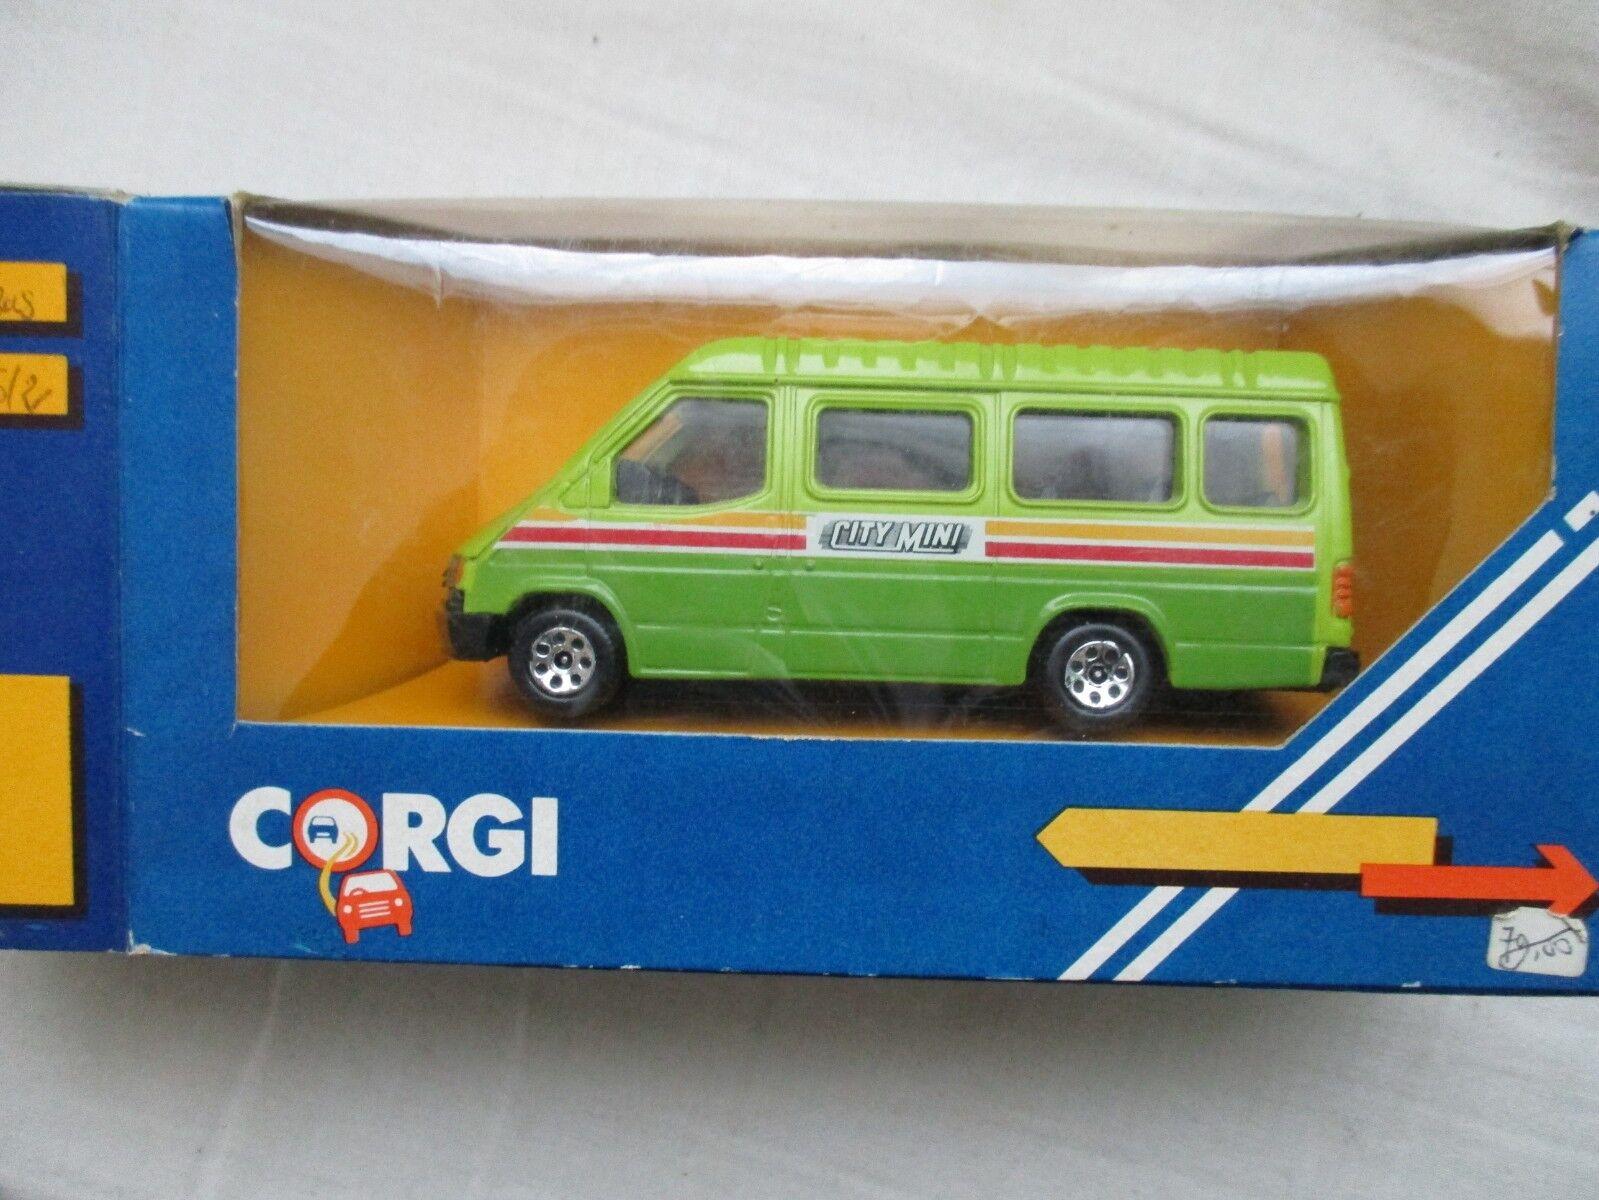 MINIATURA CORGI - C676 2 FORD TRANSIT VAN - - - CITY MINI MINI BUS EN CAJA 06e6c8